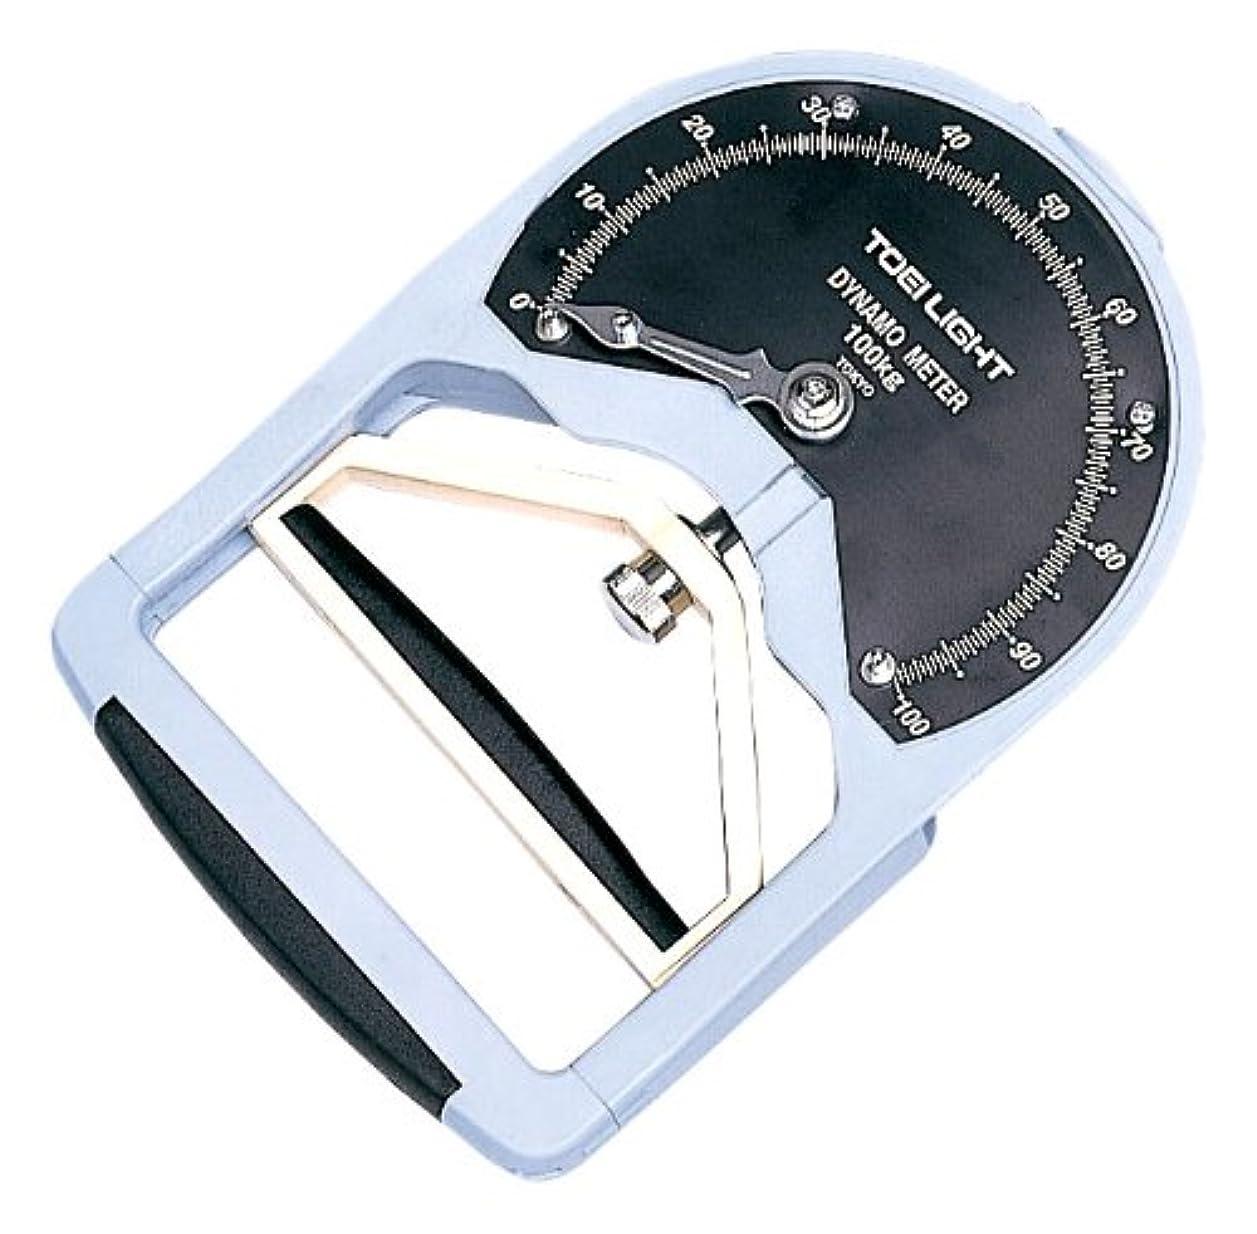 安全な本会議ラリー竹井機器工業 T.K.K.5402 バック-D デジタル背筋力計